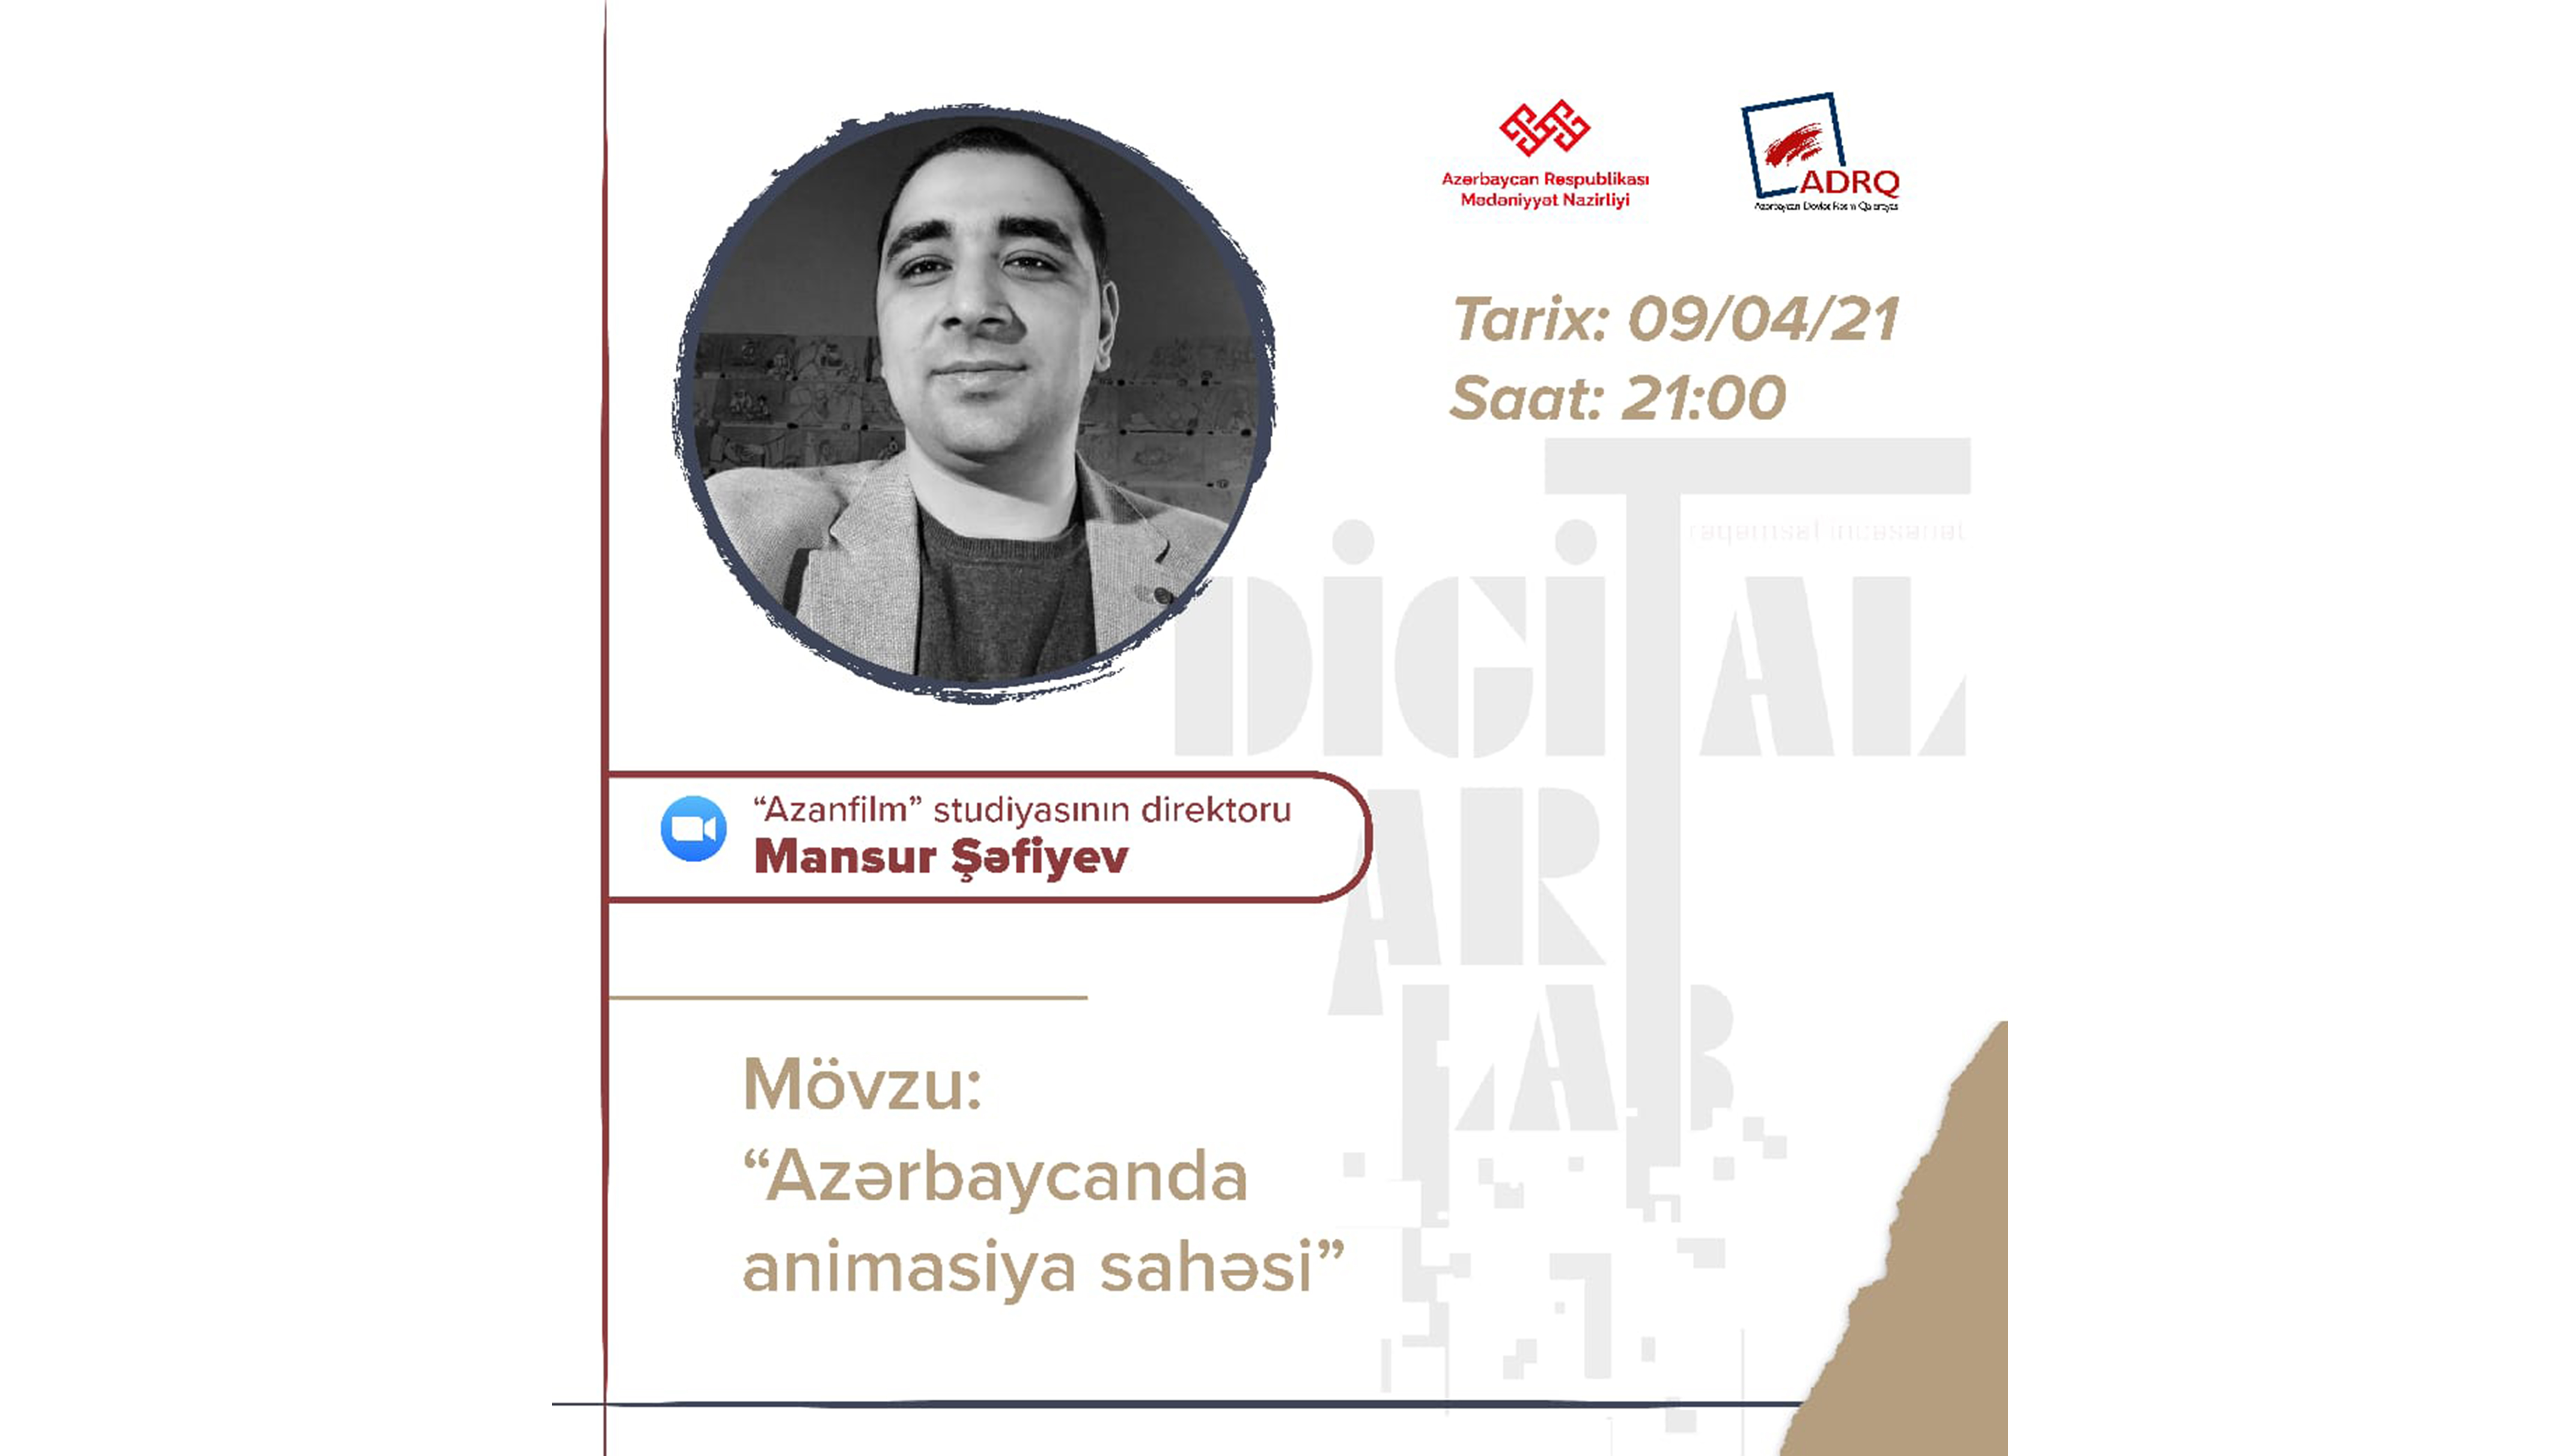 """""""Digitalart-lab"""" layihəsi çərçivəsində növbəti görüş Azərbaycanda animasiya sənətinə həsr olunacaq"""